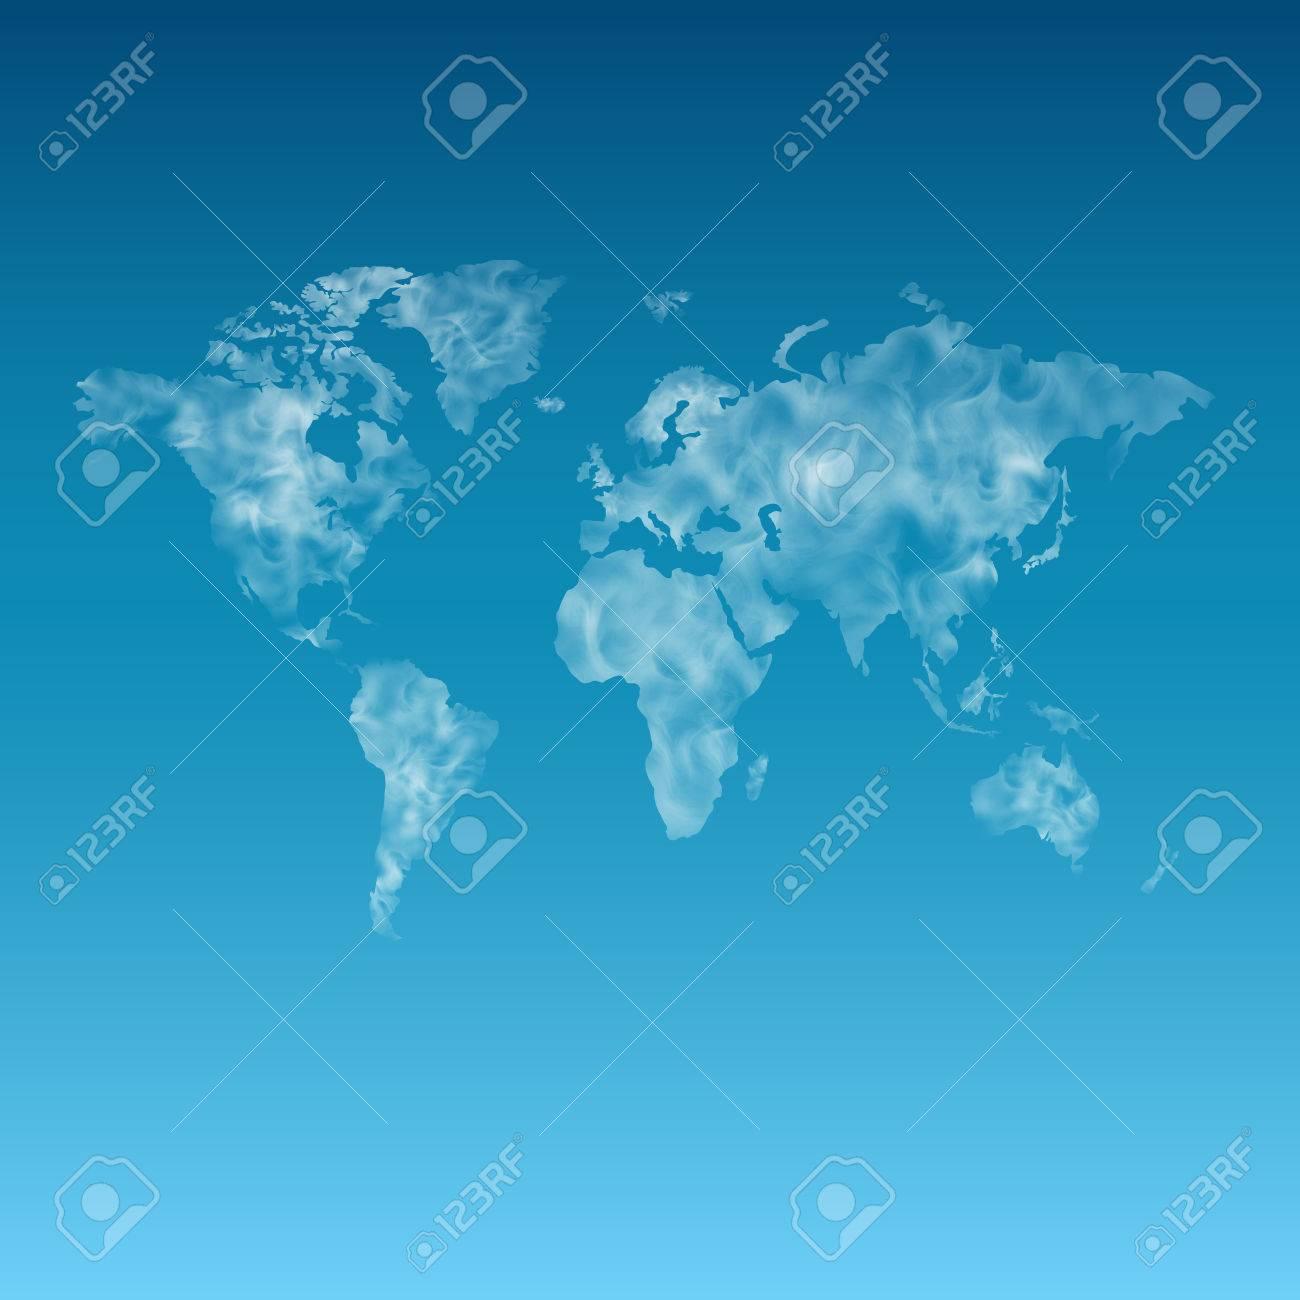 Carte Du Monde Realiste.Unshaped Carte Du Monde Nuageux Sur Le Ciel Bleu Clair Realiste